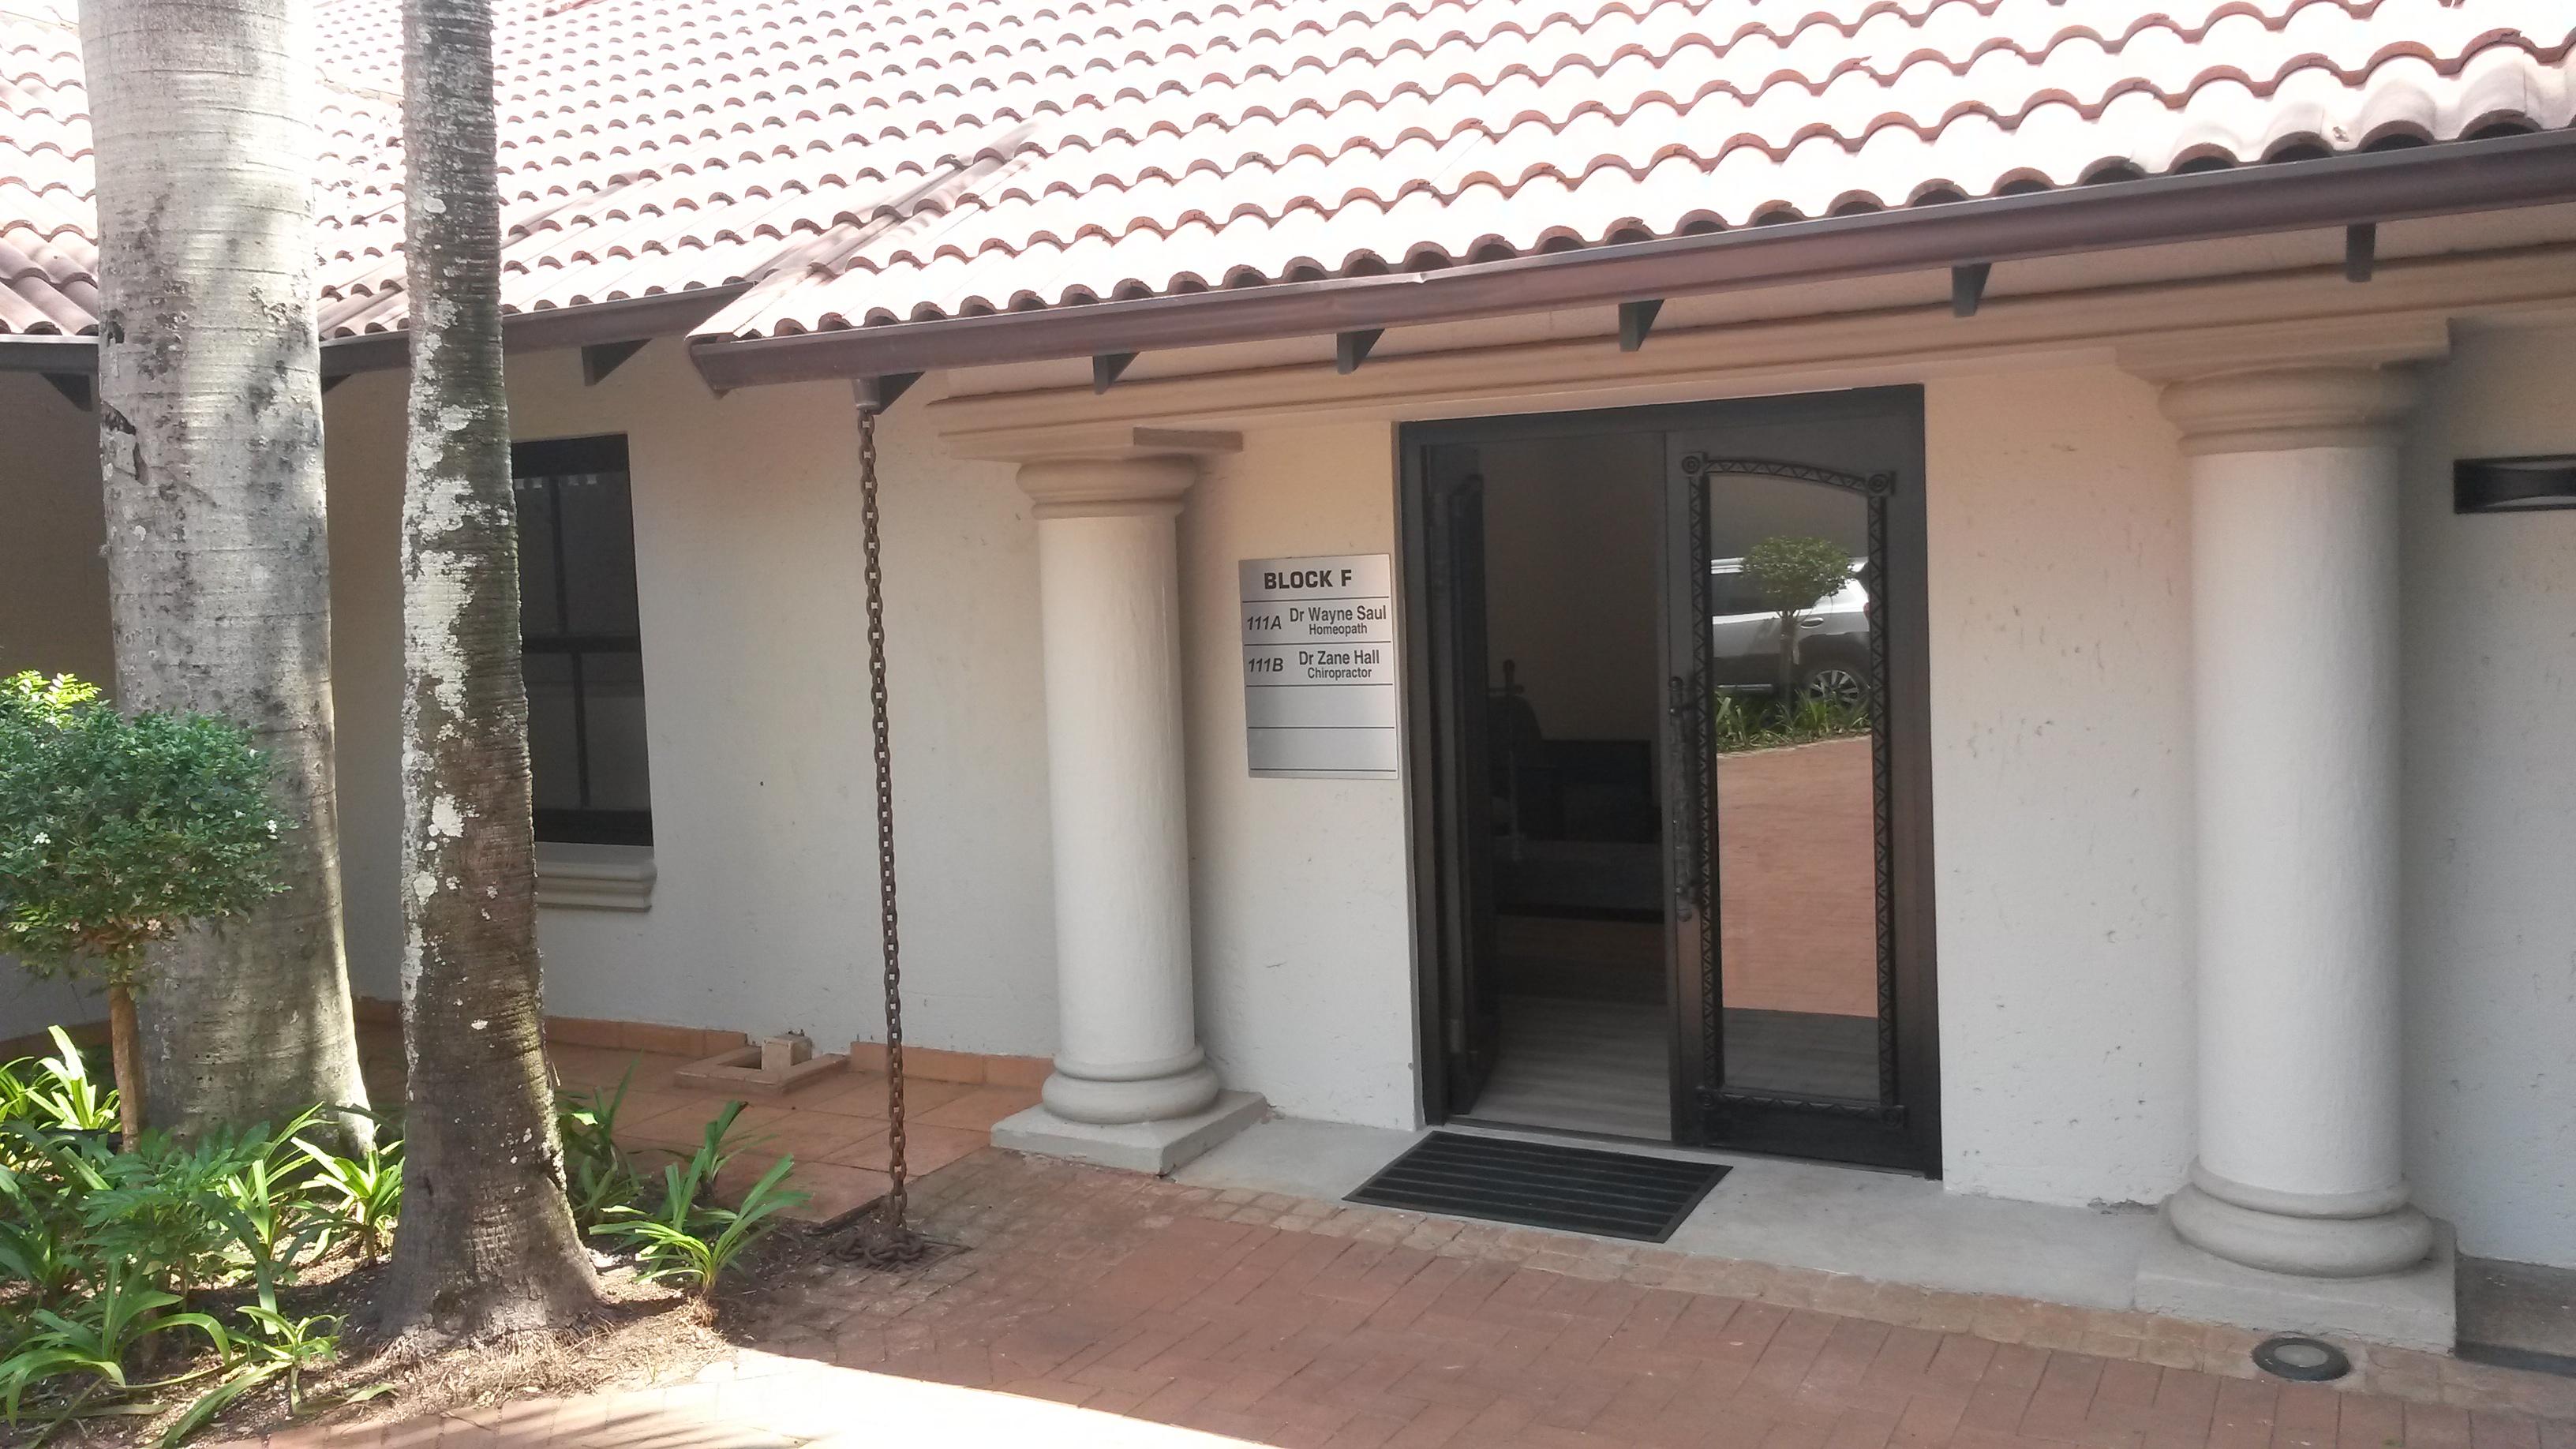 Suite F111 entrance